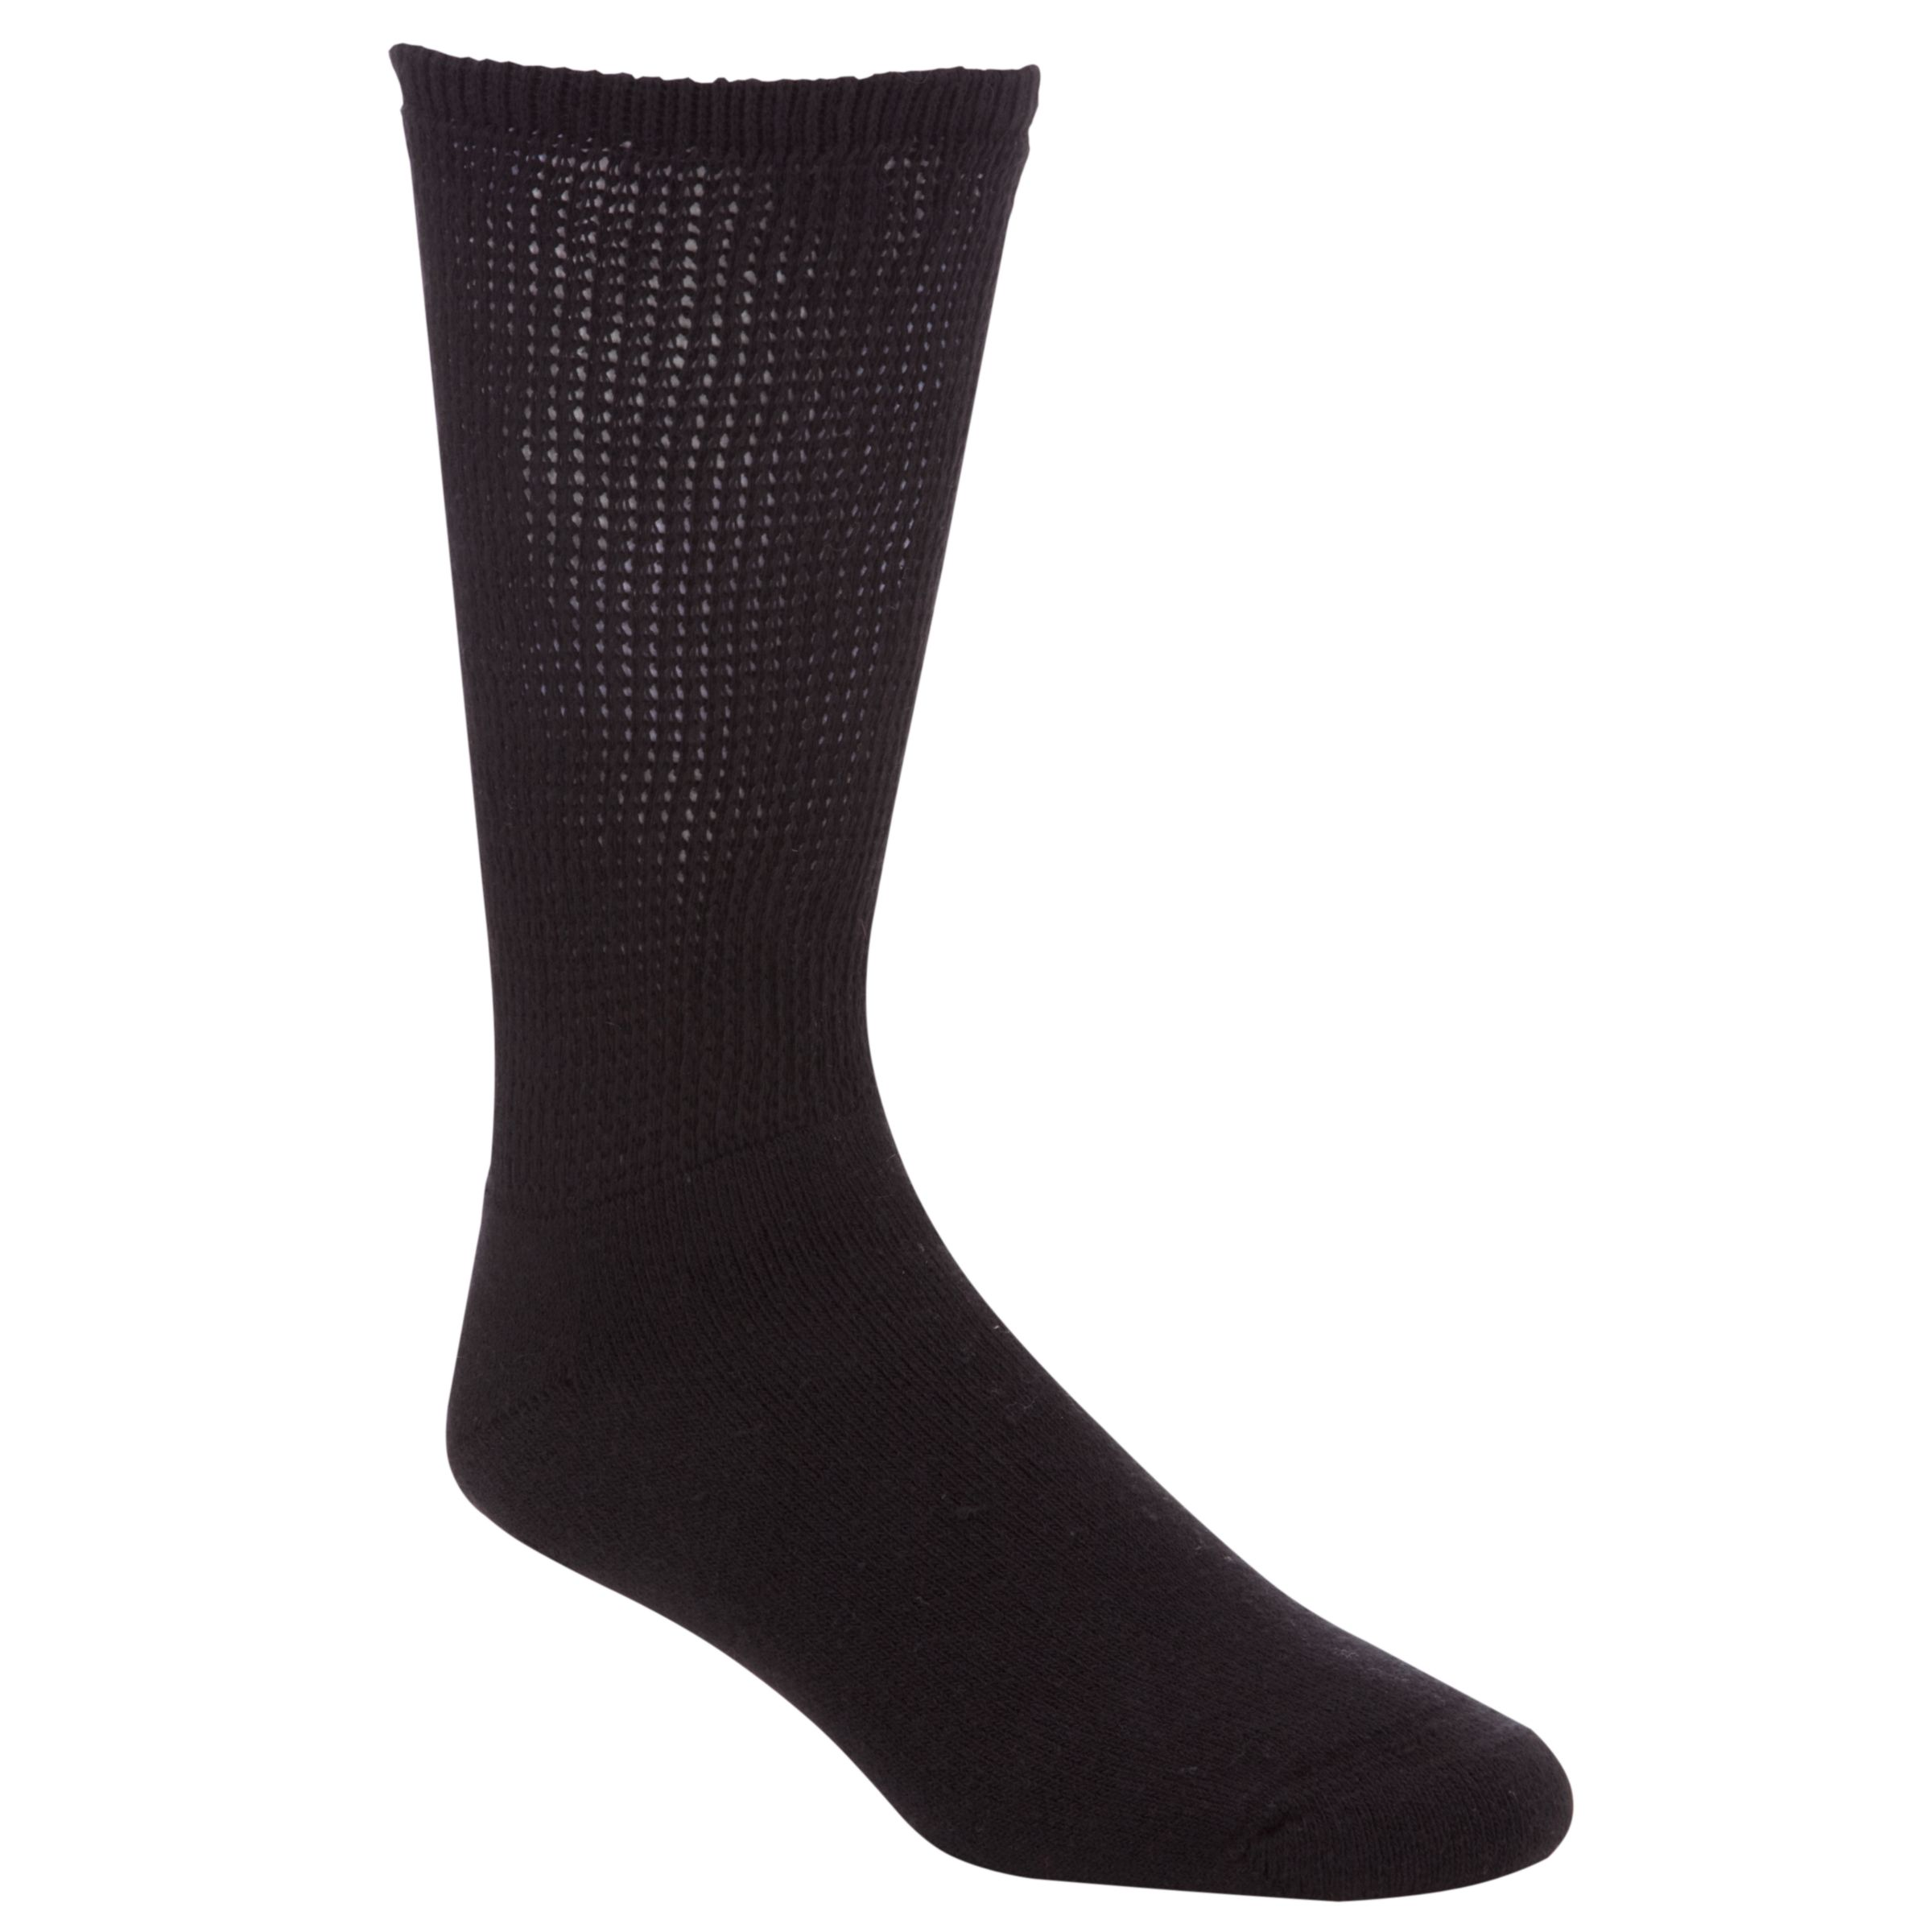 HJ Hall HJ Hall Diabetic Socks, One Size, Black